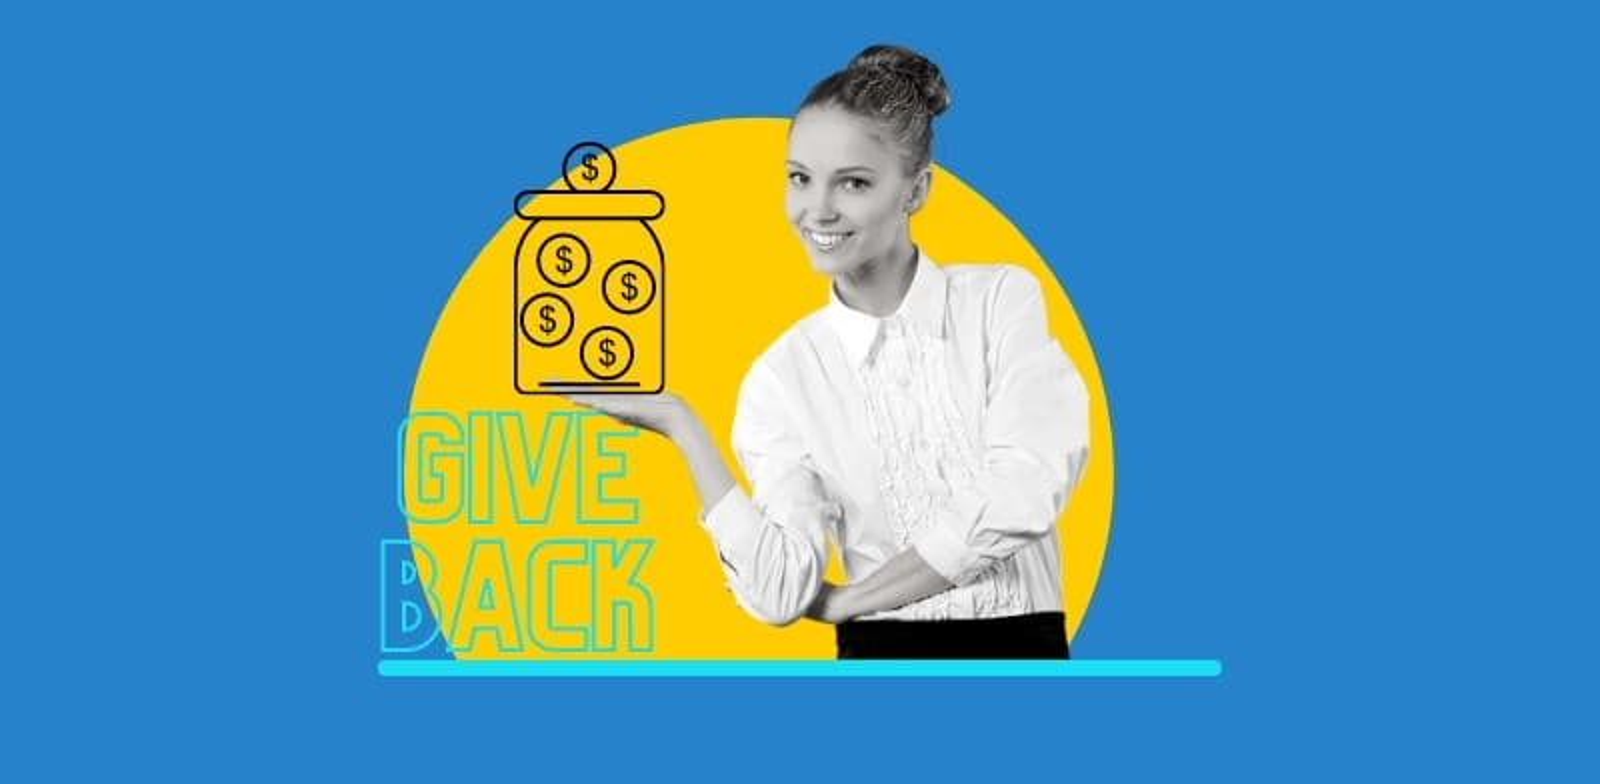 איך ארגונים יכולים לשכנע לתרום למטרות שהם מקדמים / עיצוב: גלובס